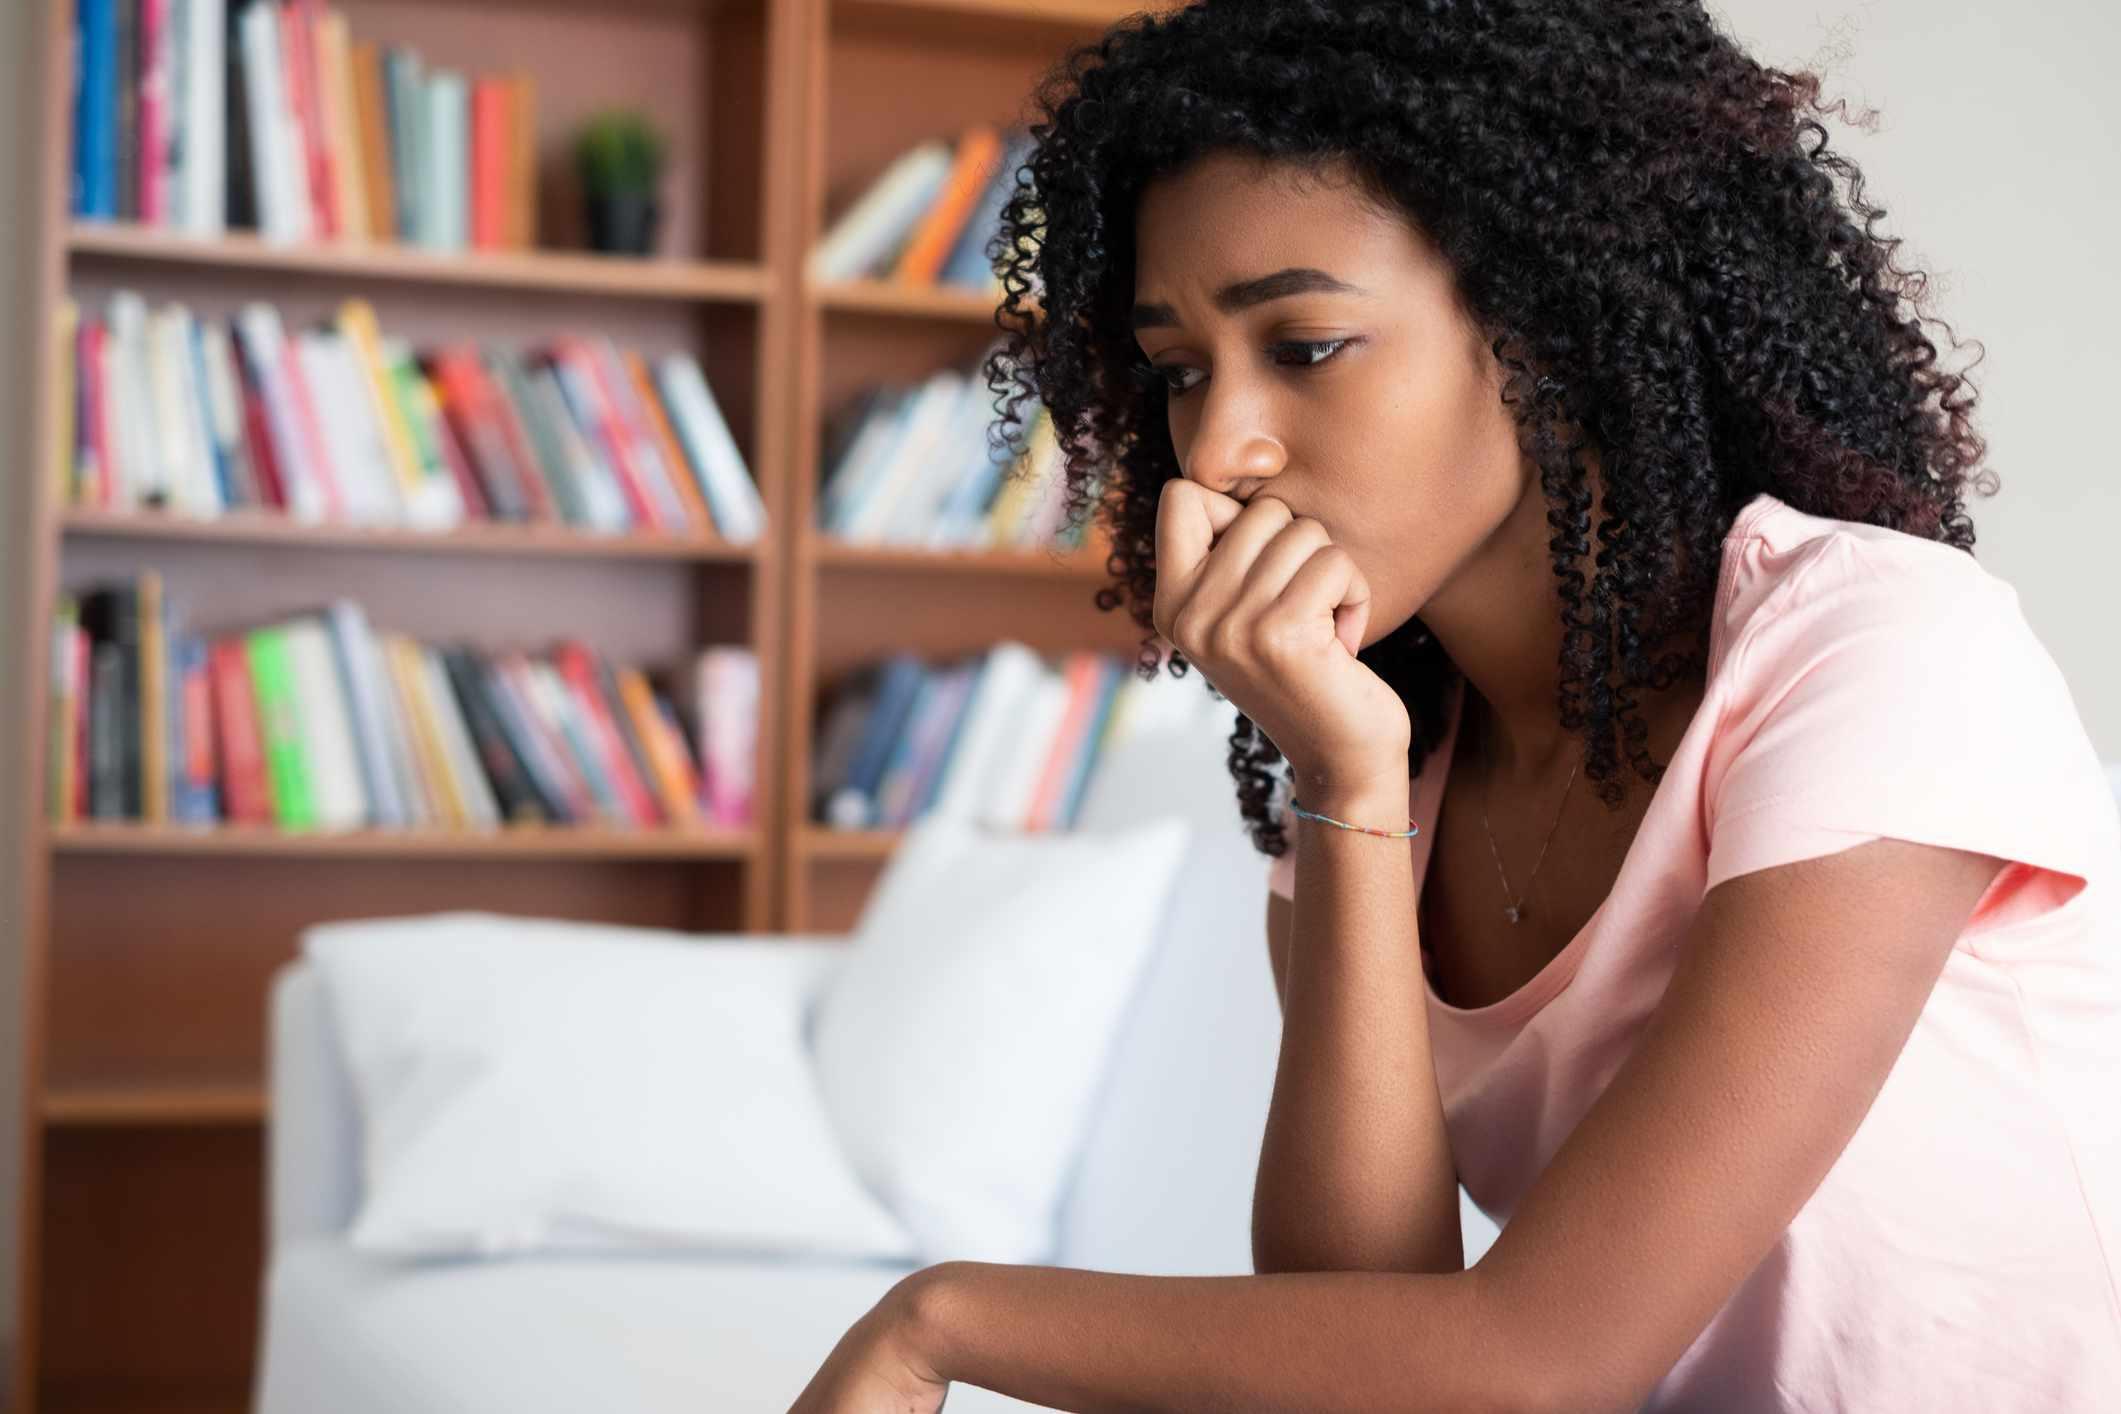 Image result for girls sad social